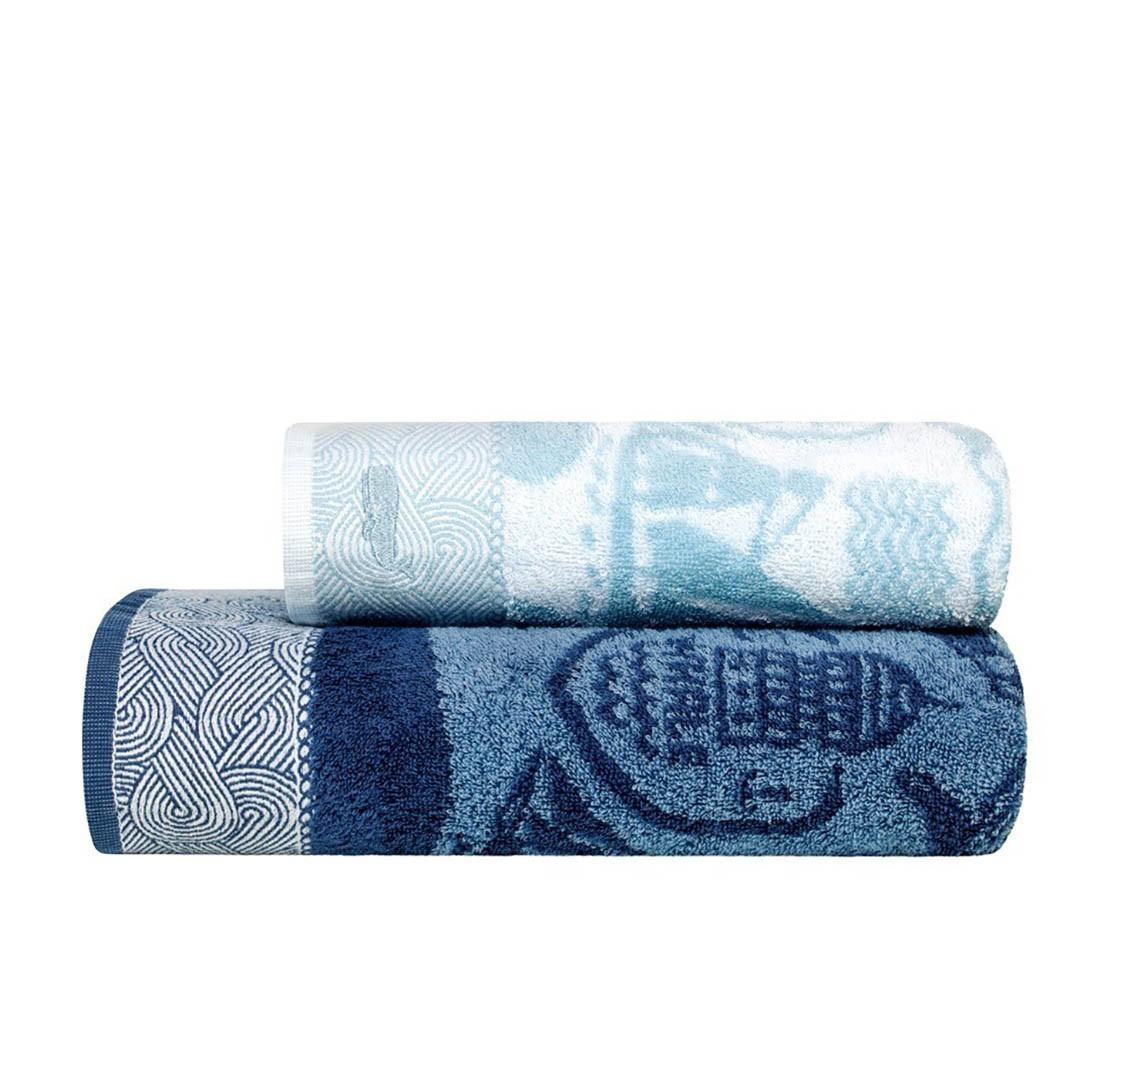 Купить Полотенца Togas, Детское полотенце Морские Приключения Цвет: Белый-Голубой (70х130 см), Греция, Голубой, Синий, Махра